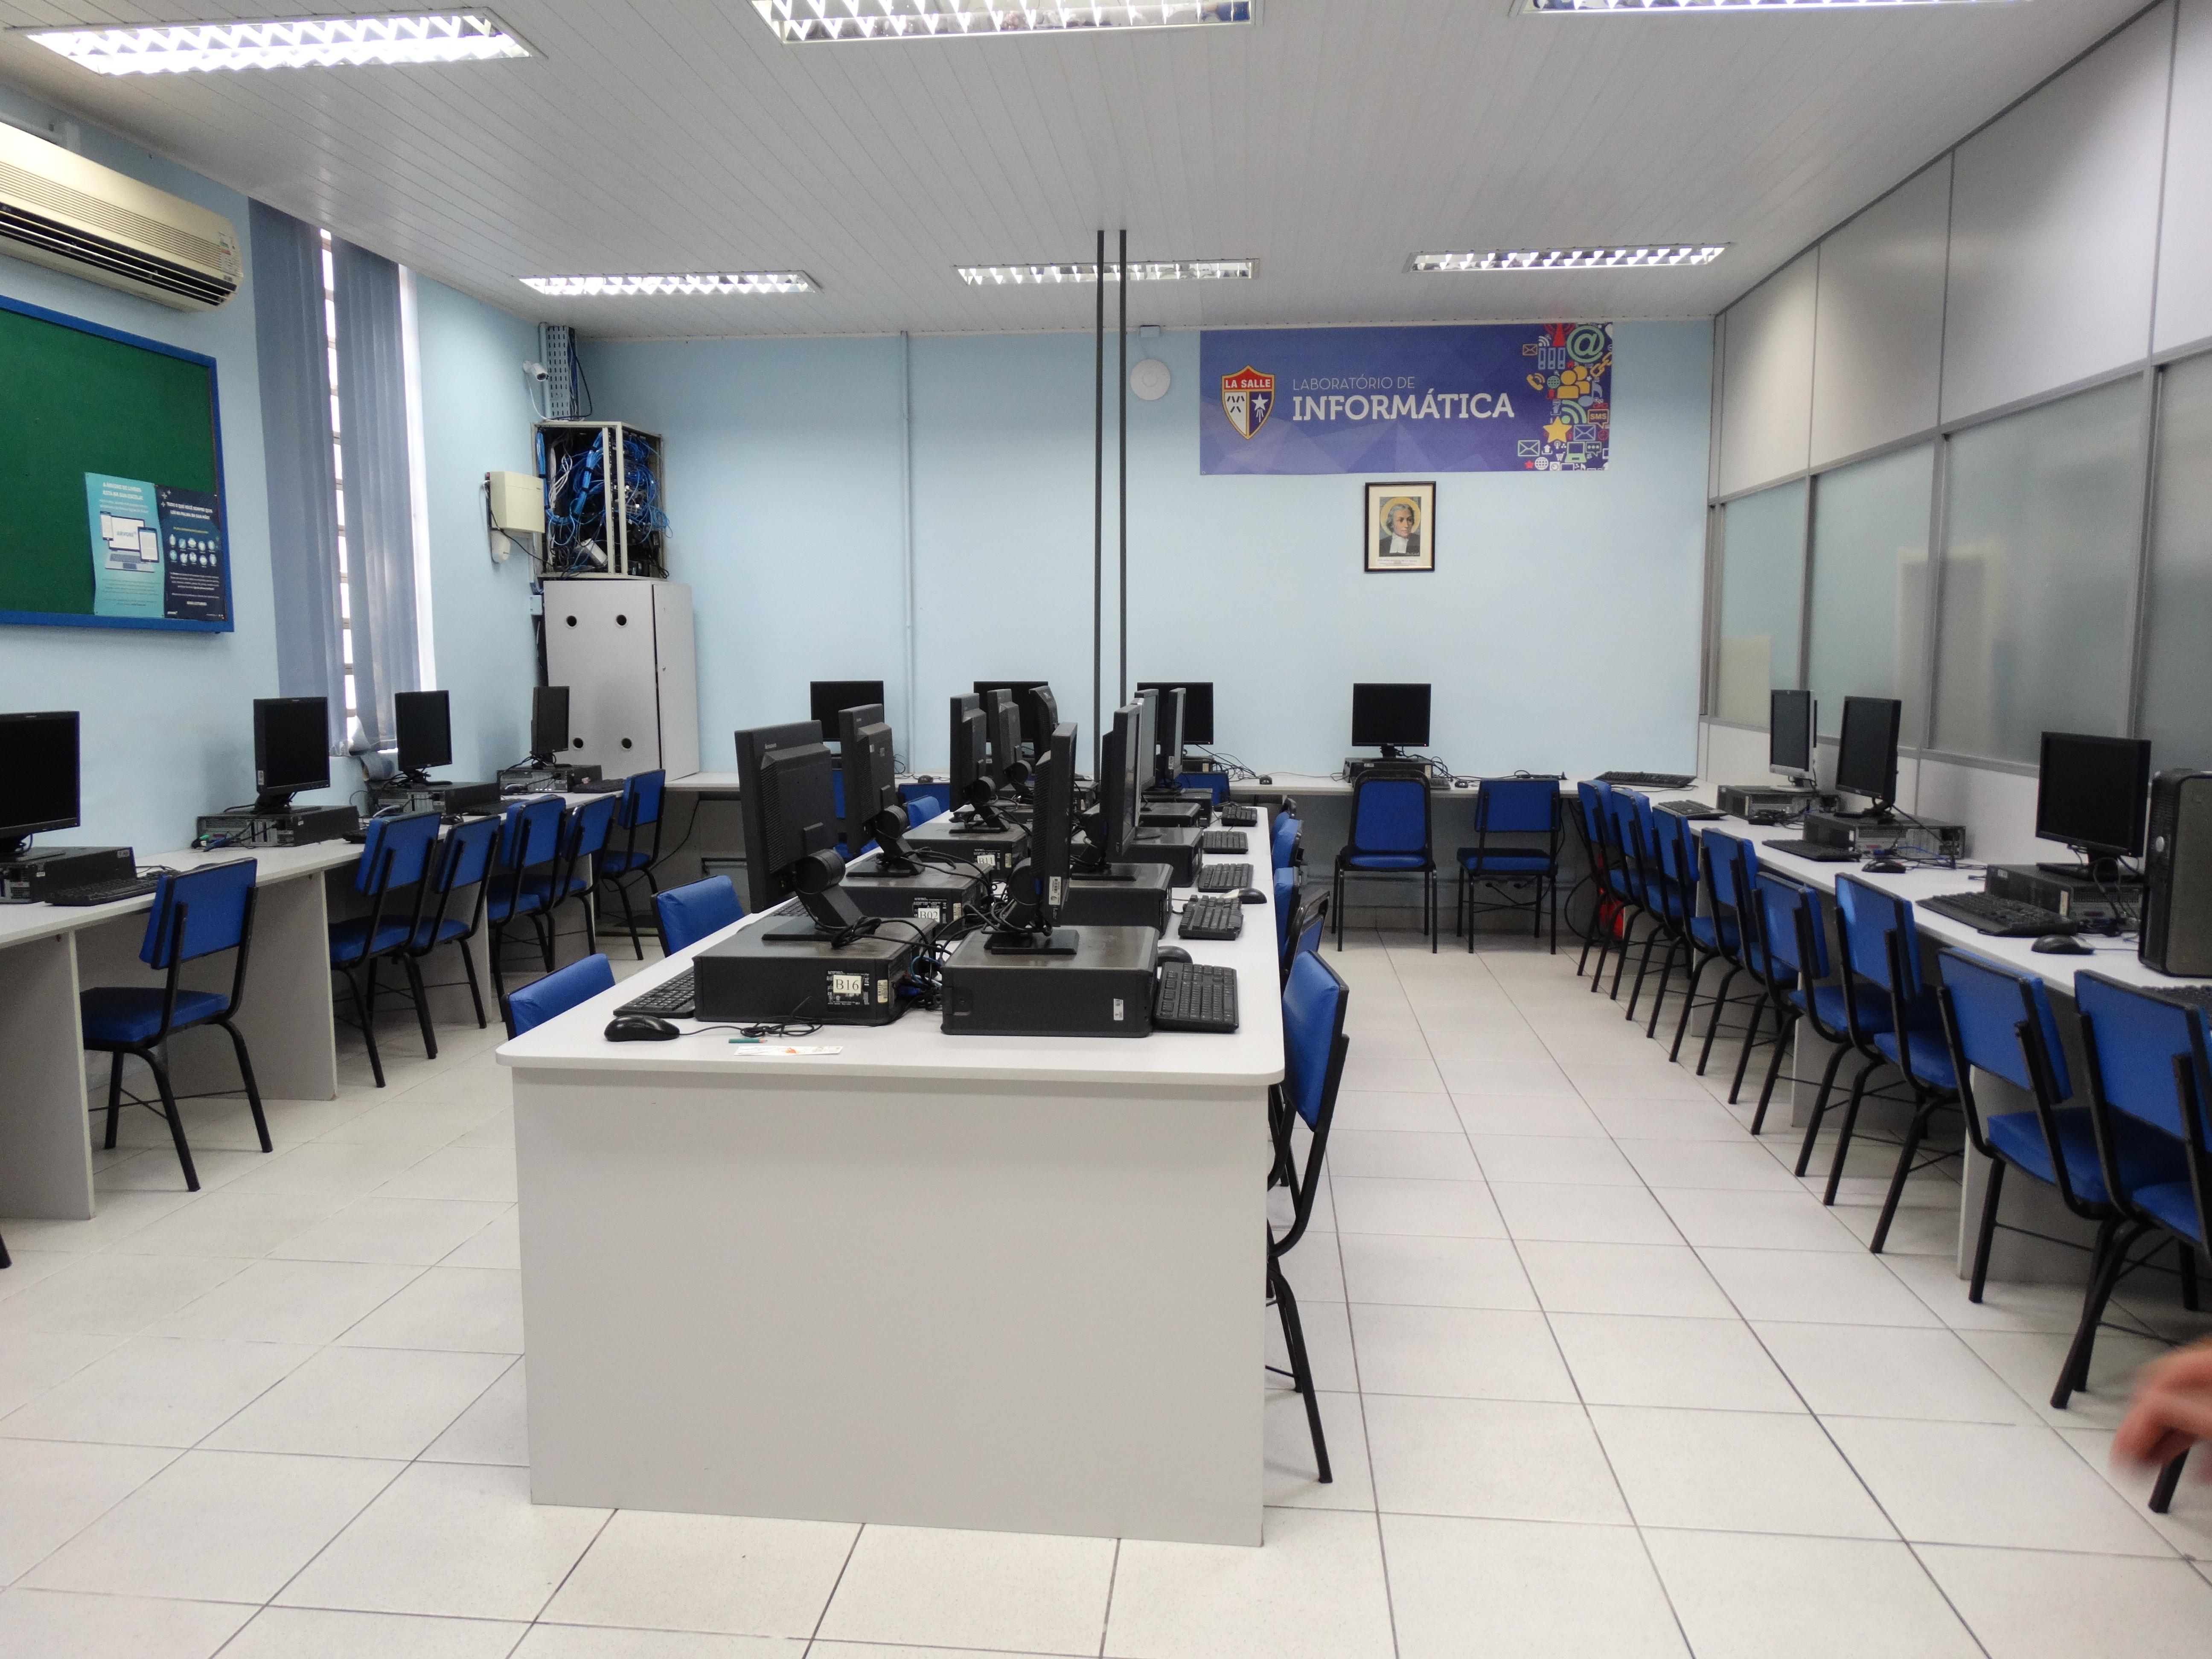 Imagem de Escola de Ensino Fundamental La Salle Pão dos Pobres Imagem 4